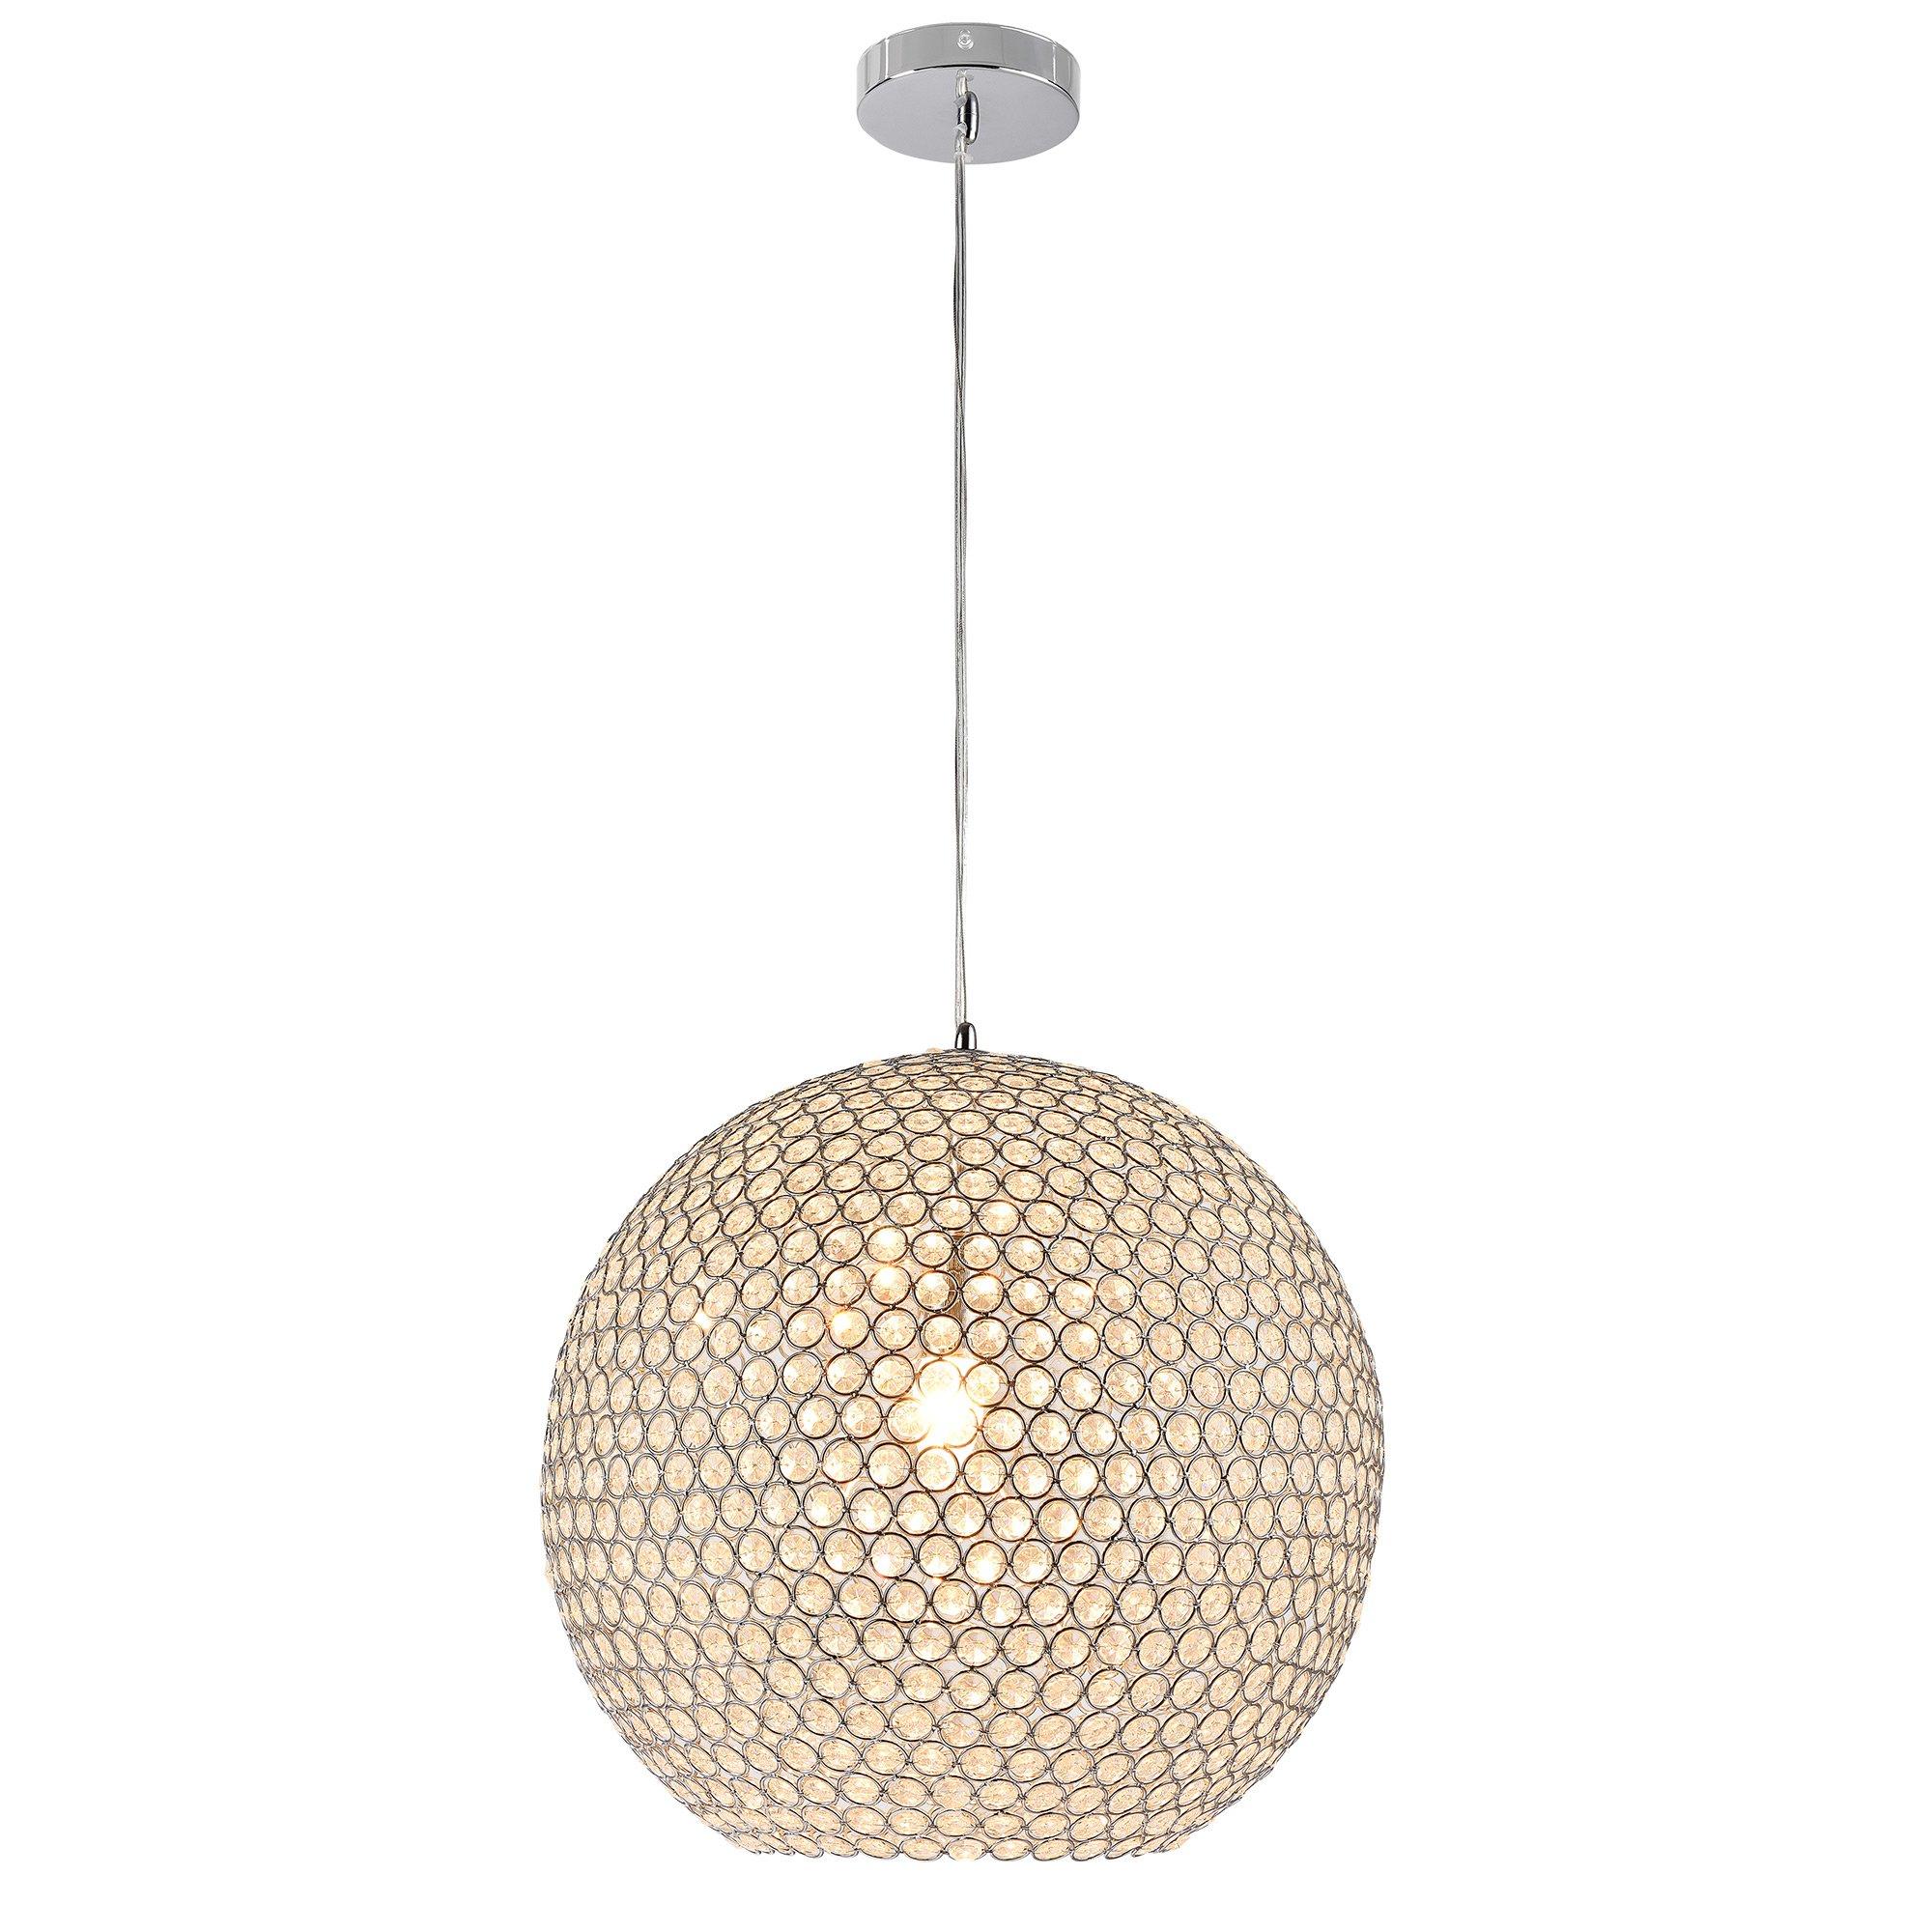 [lux.pro] Lámpara colgante - Nueva colección - Crystal (E14) Iluminación